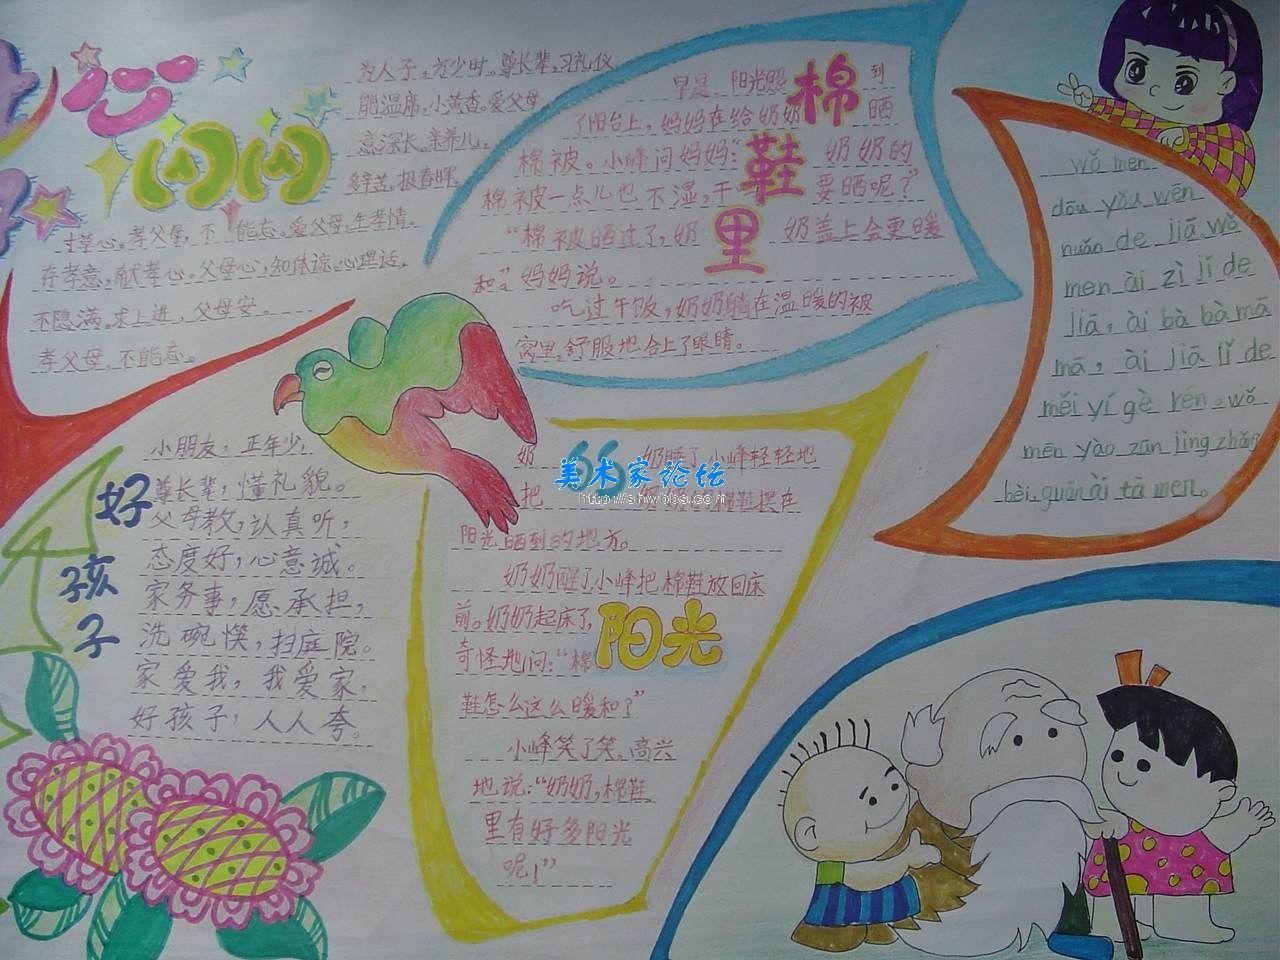 09春暖,孝敬长辈 (手抄报)图片